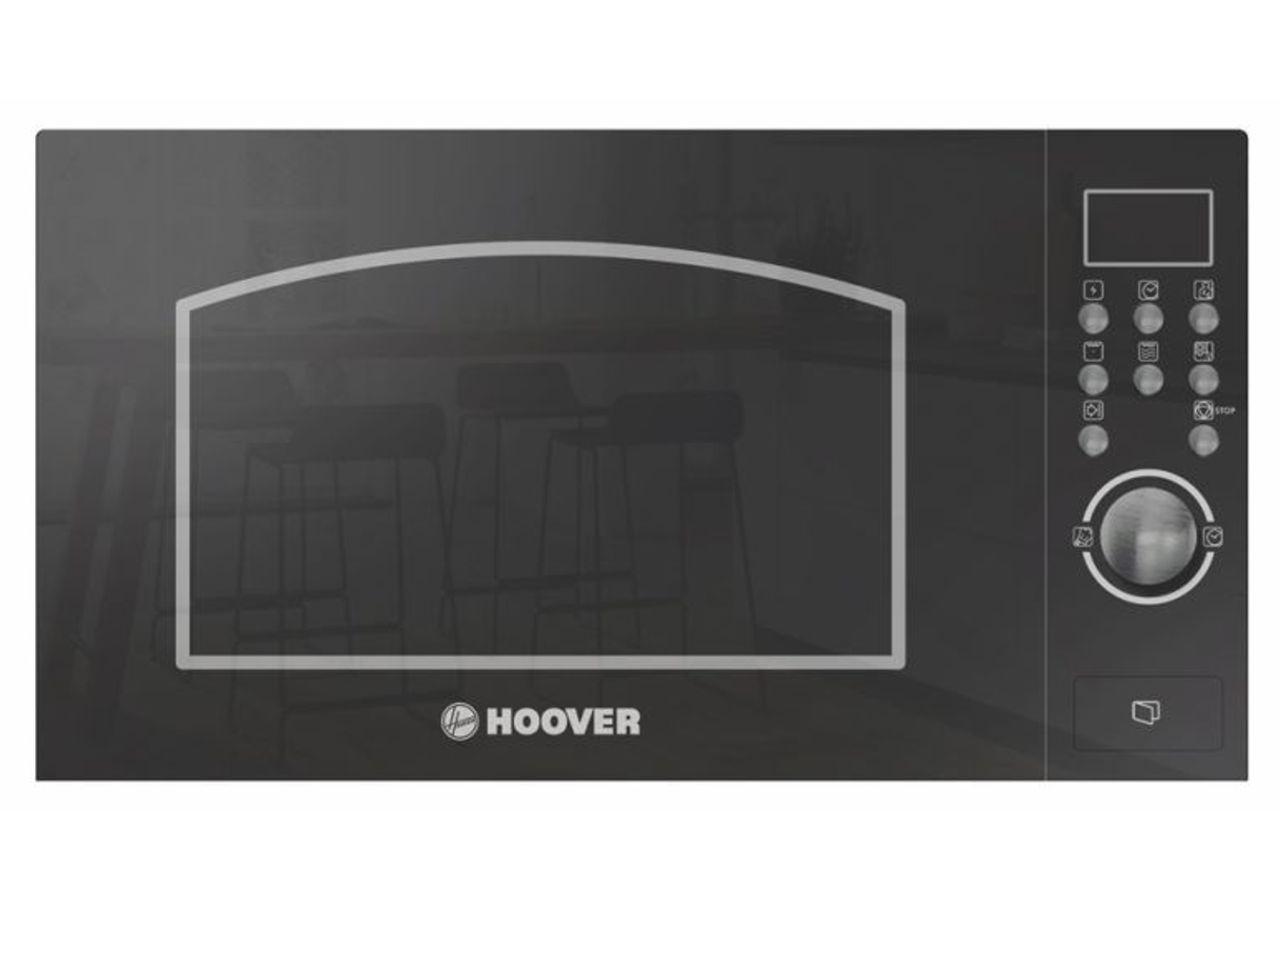 Mikrovlnná trouba HOOVER HMG 20 GDFC + 5 let záruka po registraci!